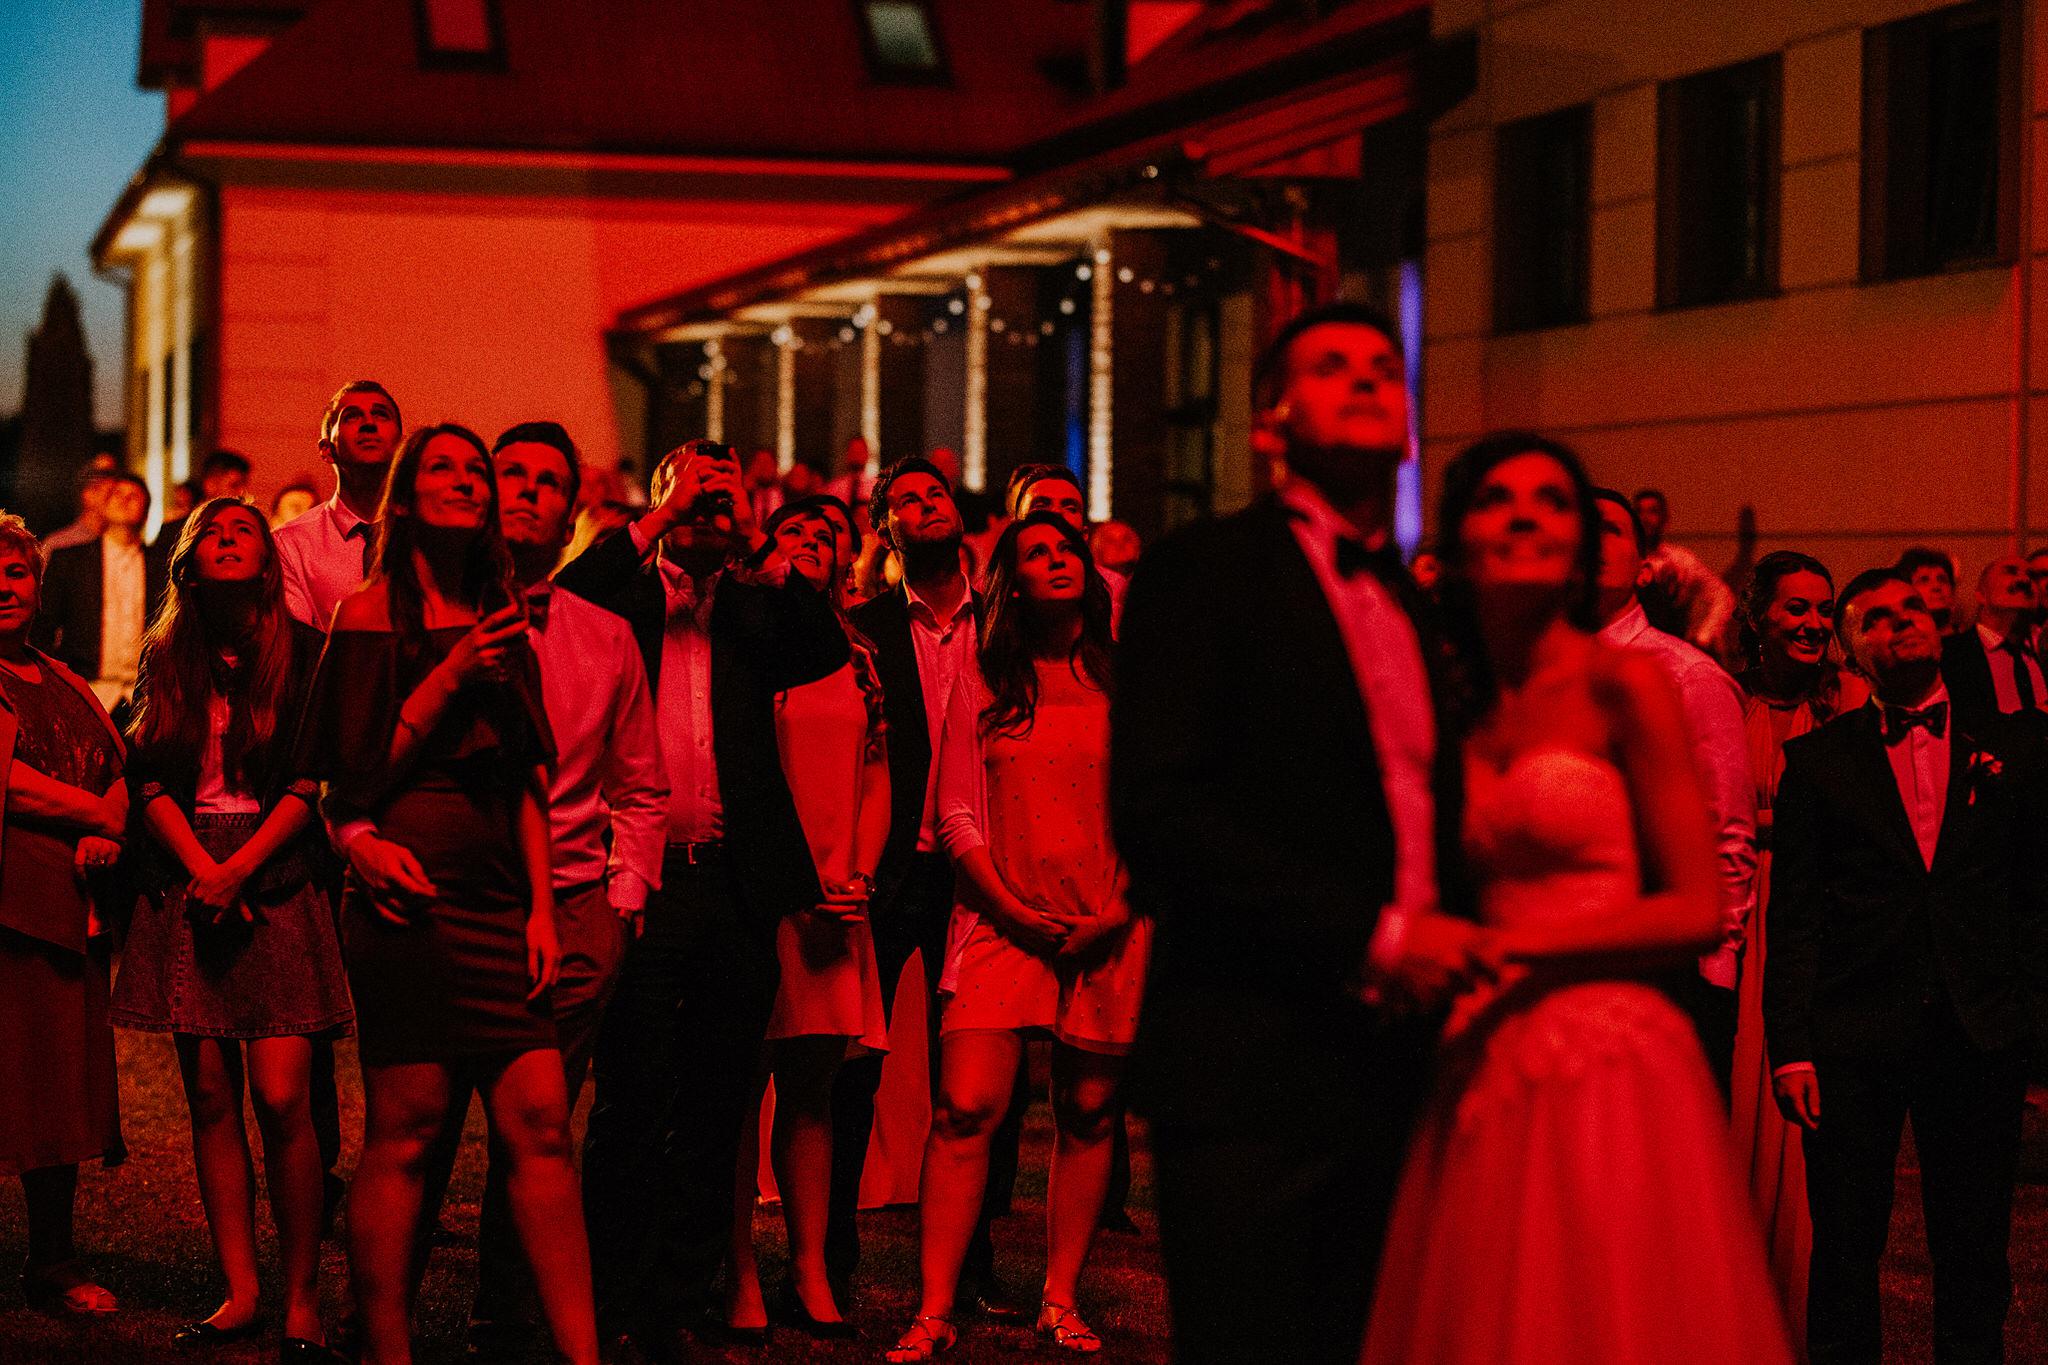 sandramarcin fotograf Karol Nycz www.karolnycz.com 535